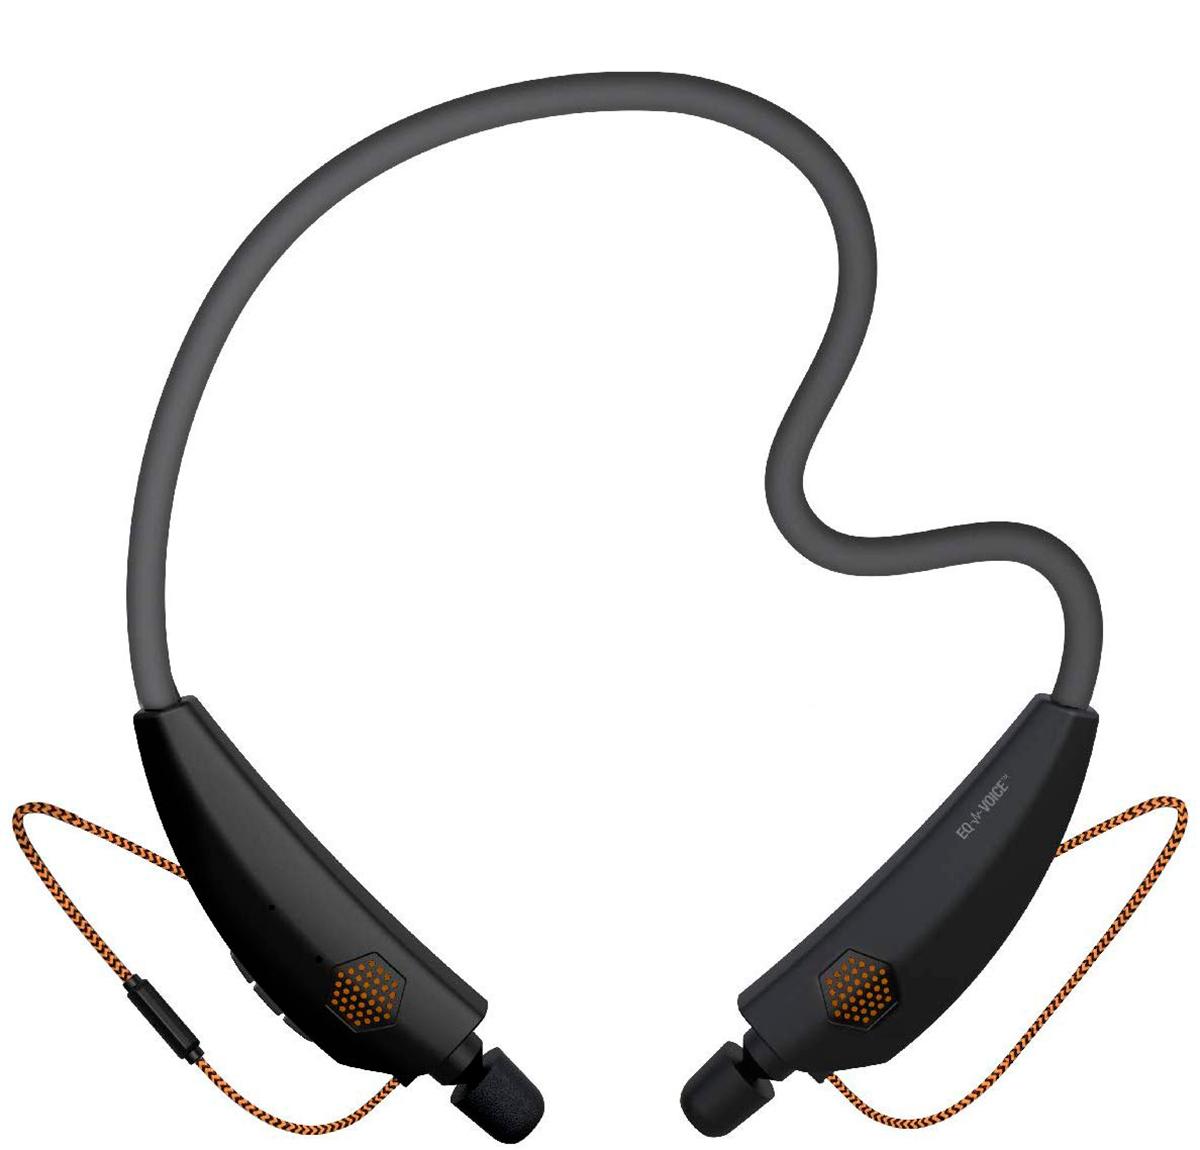 procomm headset